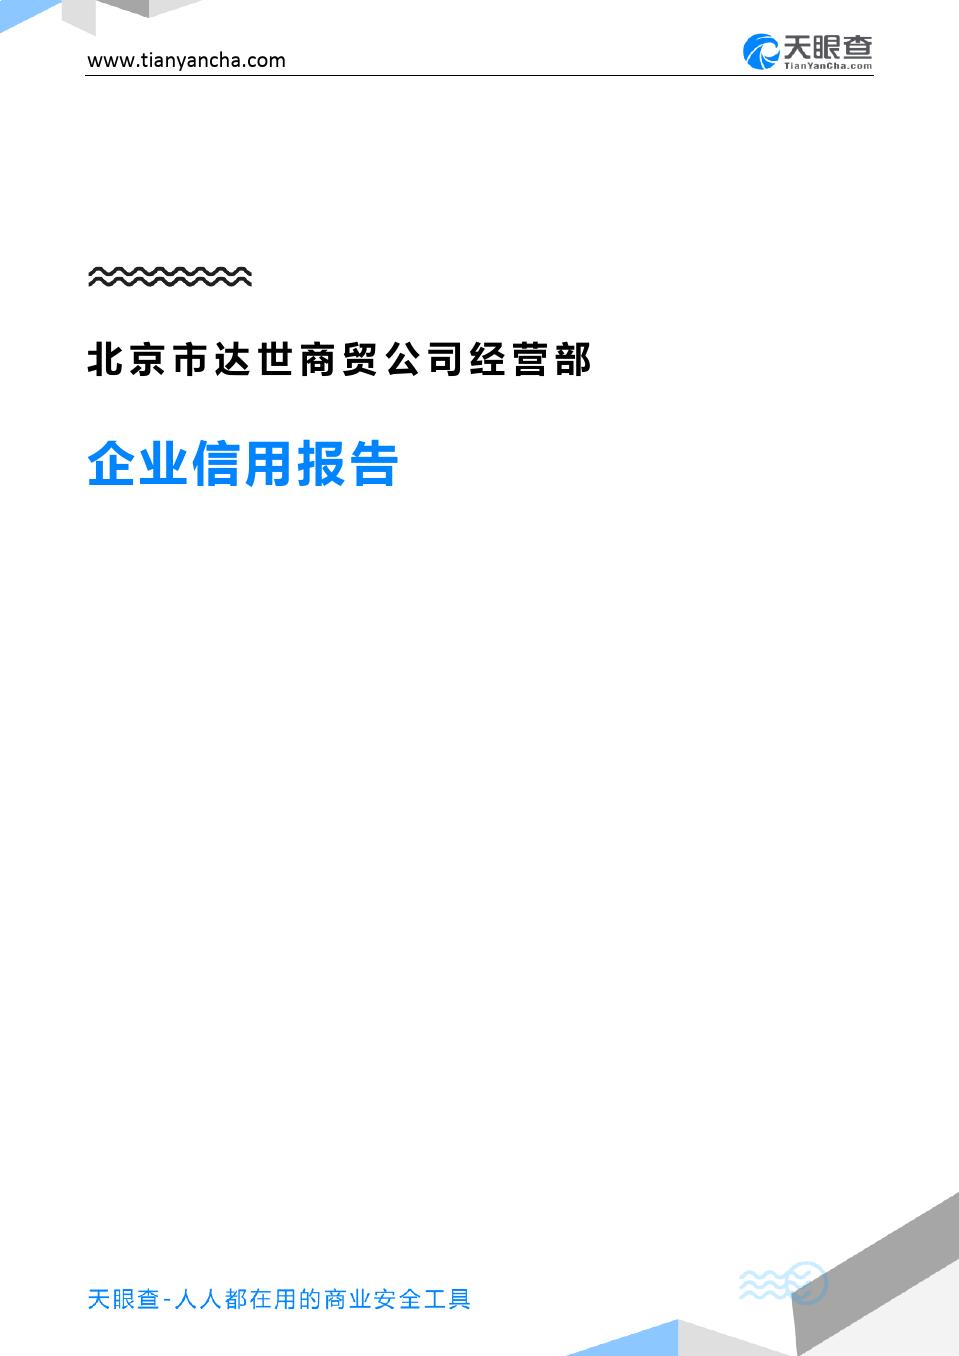 北京市达世商贸公司经营部企业信用报告-天眼查